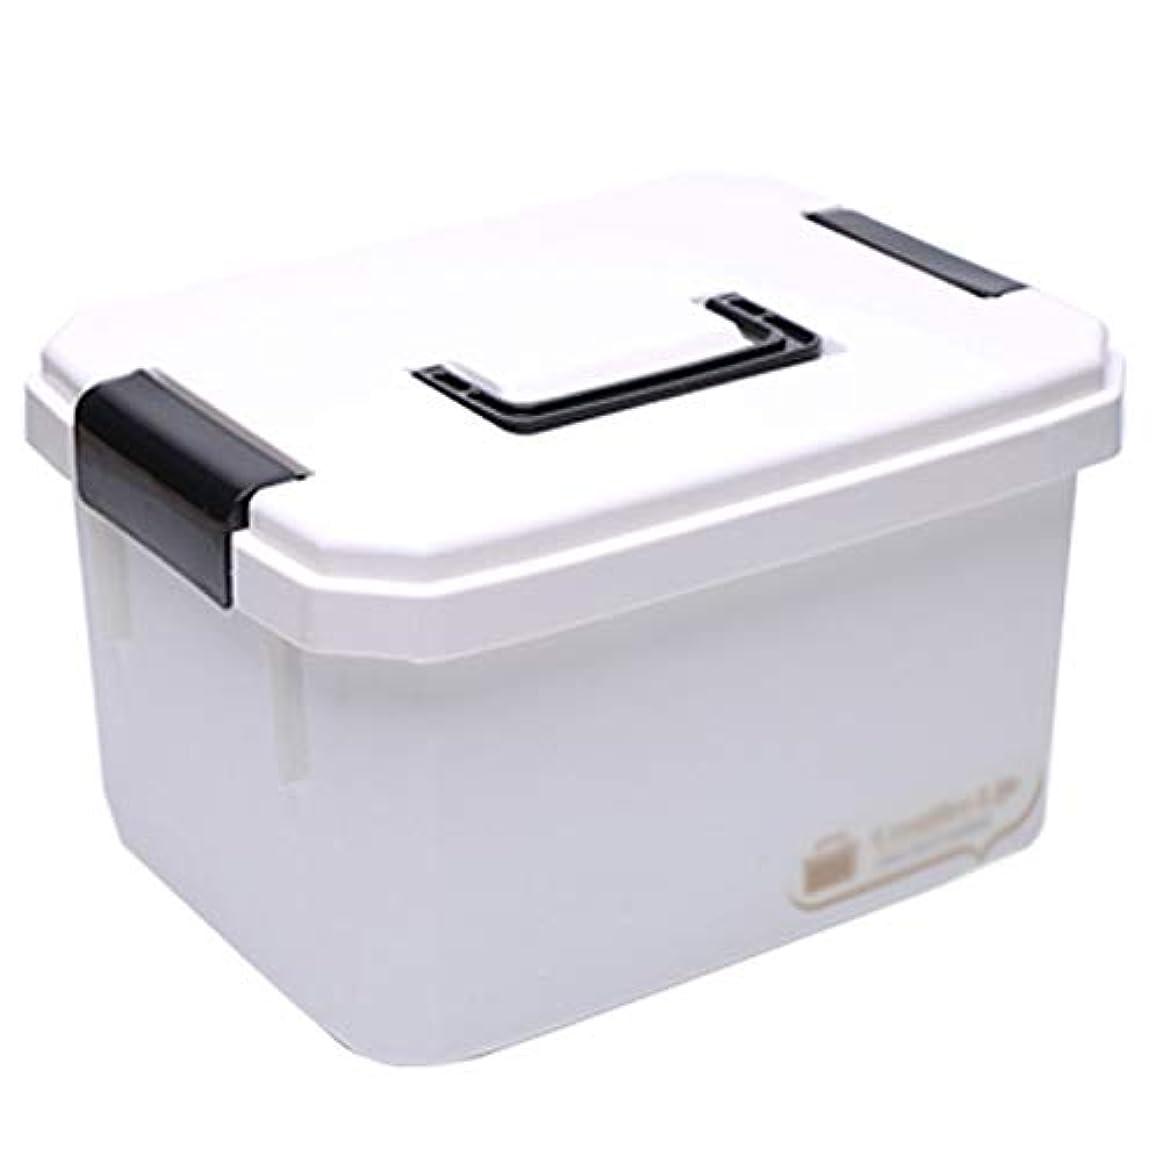 薬剤師悲観的側ドラッグ収納ボックス 医療箱プラスチック材料、ポータブルポータブル大容量多層防湿防塵、家庭用薬箱スーツケース子供緊急医療箱旅行ポータブル医療箱薬収納ボックス - 2サイズ (サイズ さいず : 33*25*18cm)